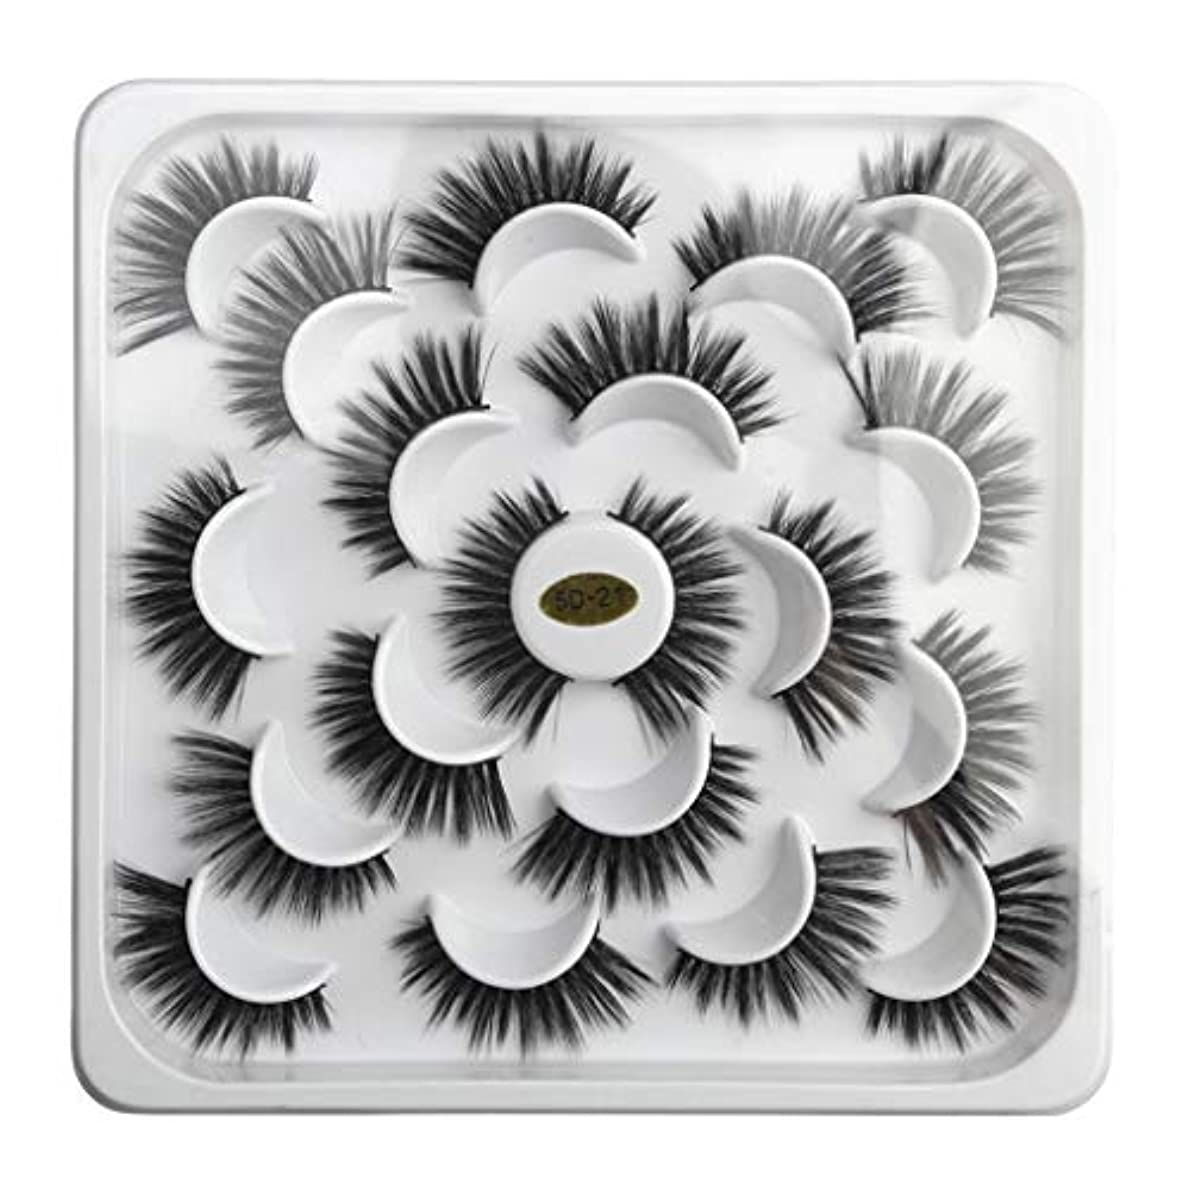 温室思想ハグ5Dミンクつけまつげと天然のまつげと10対の蓮